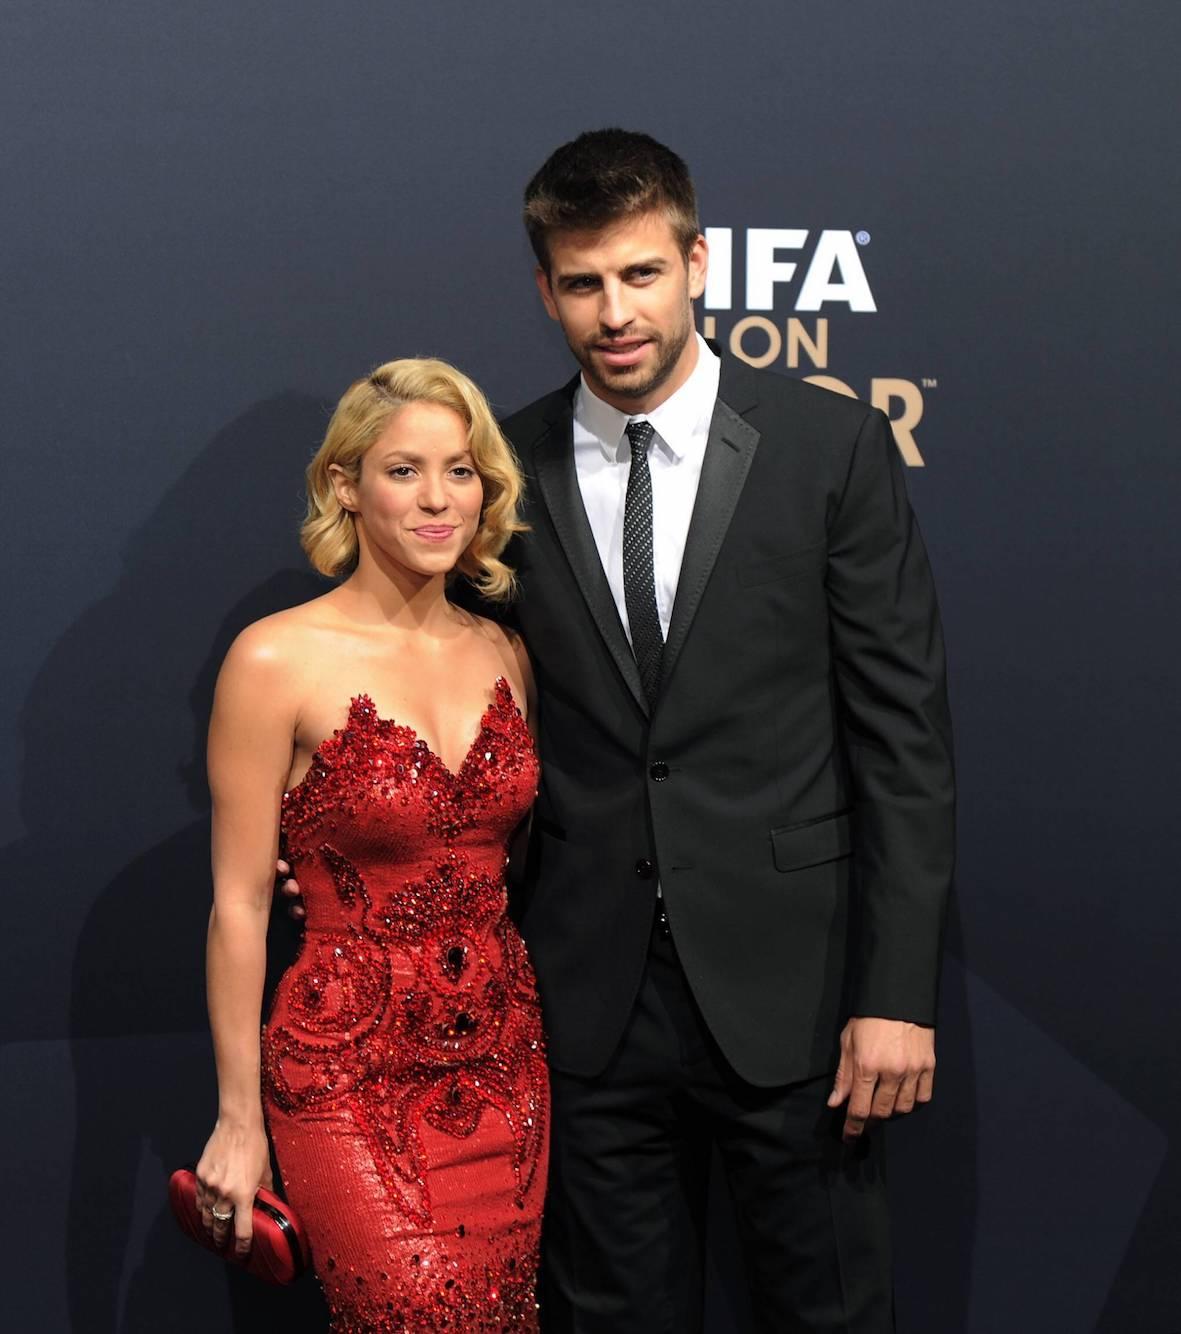 Шакира и Жерар Пике расстались после 7 лет отношений